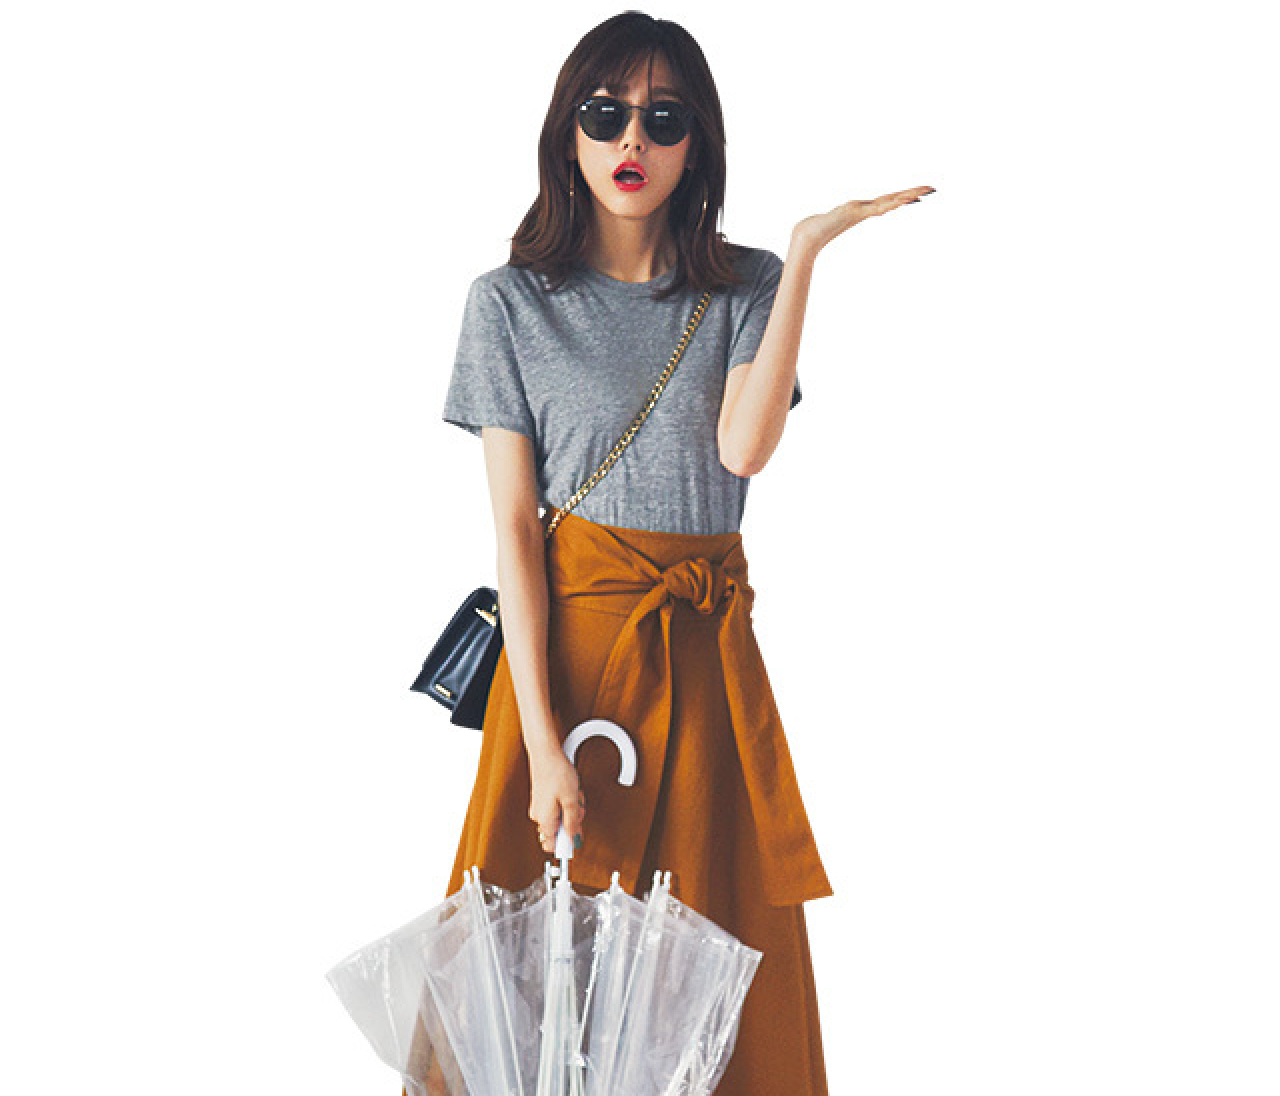 雨の日もOK♡ Tシャツ×長めスカートで、好感度コーデ!【2018/6/14のコーデ】